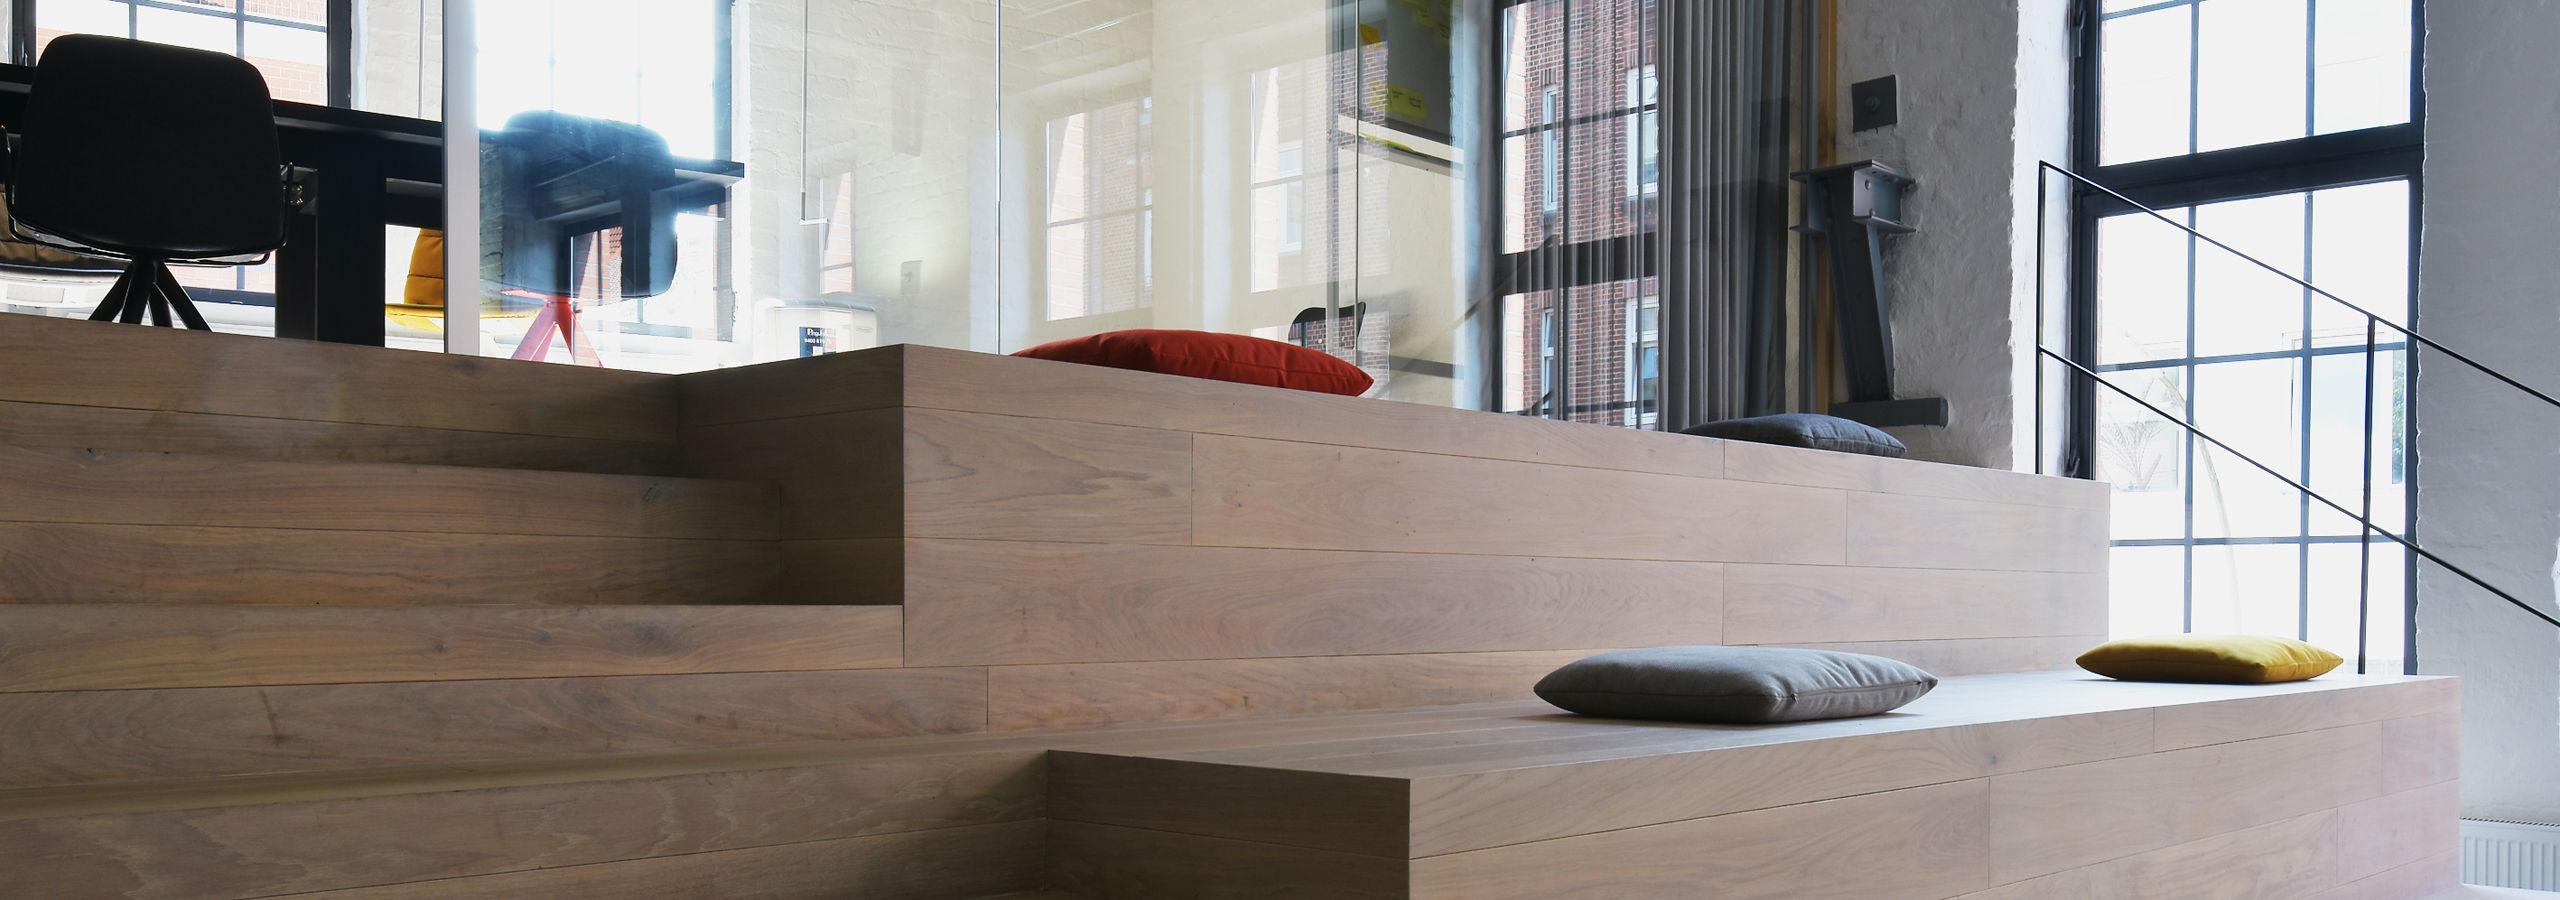 Architektur   Büro Wehberg, Hamburg   Produktentwicklung ...